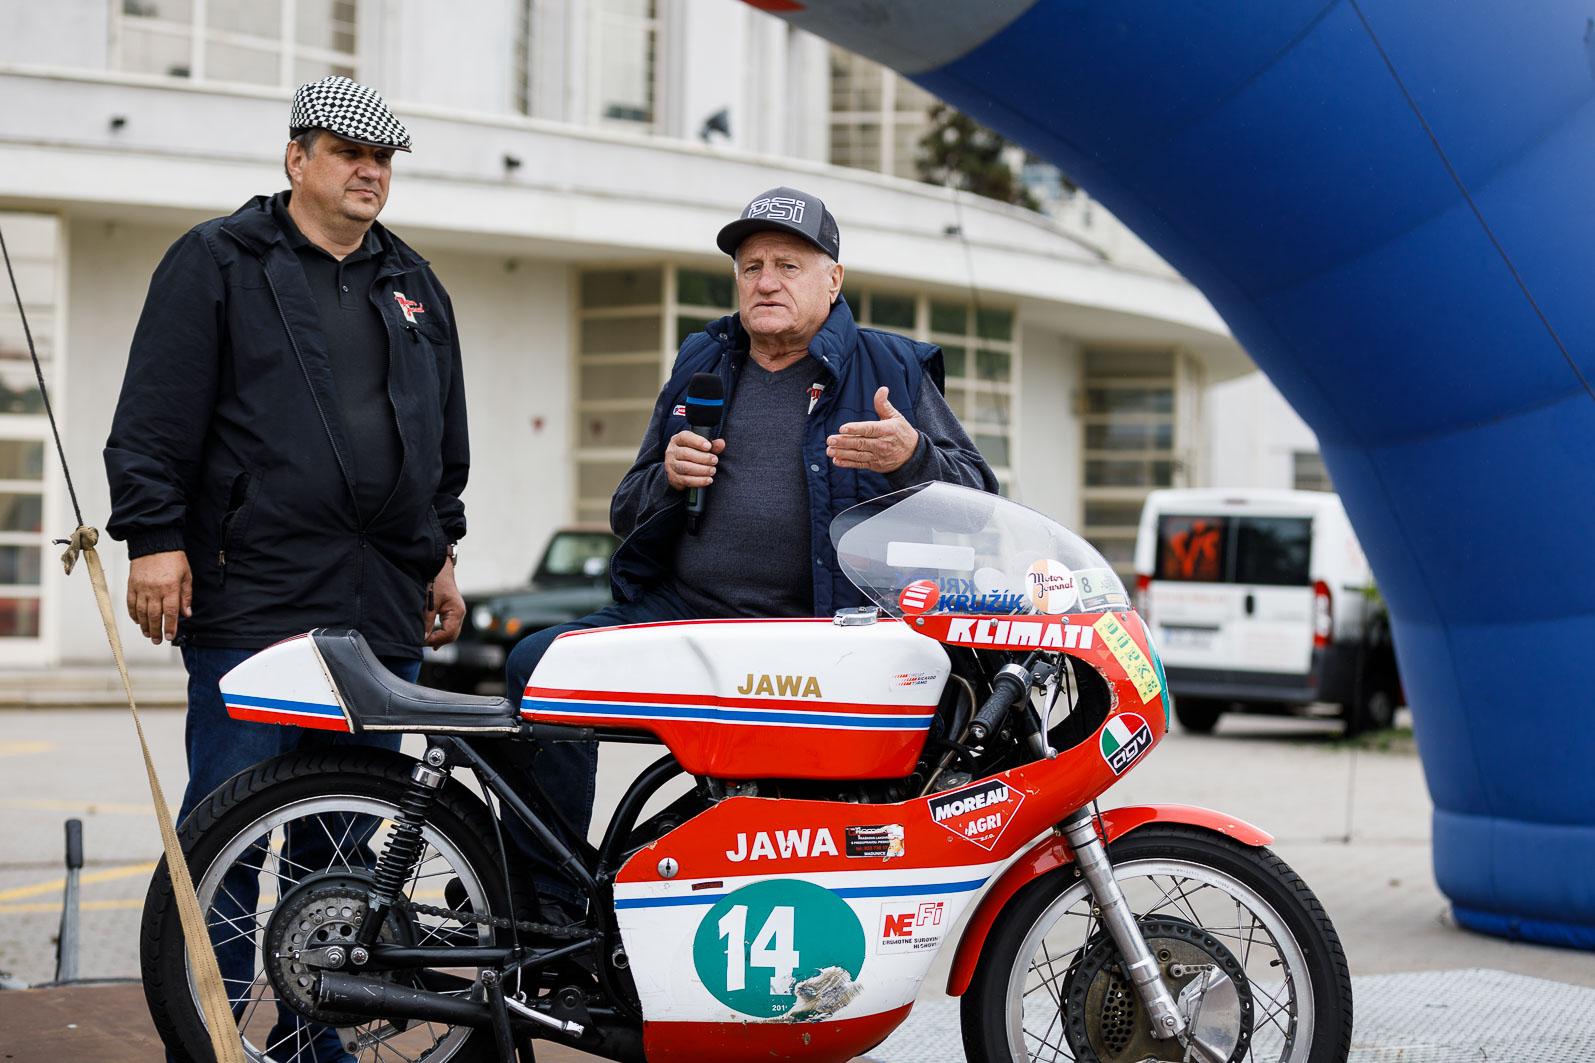 Na Revival Brno 2020 sa predviedol Talbot, ktorý zbiera svetové ocenenia kewYa4x13o revival-8398